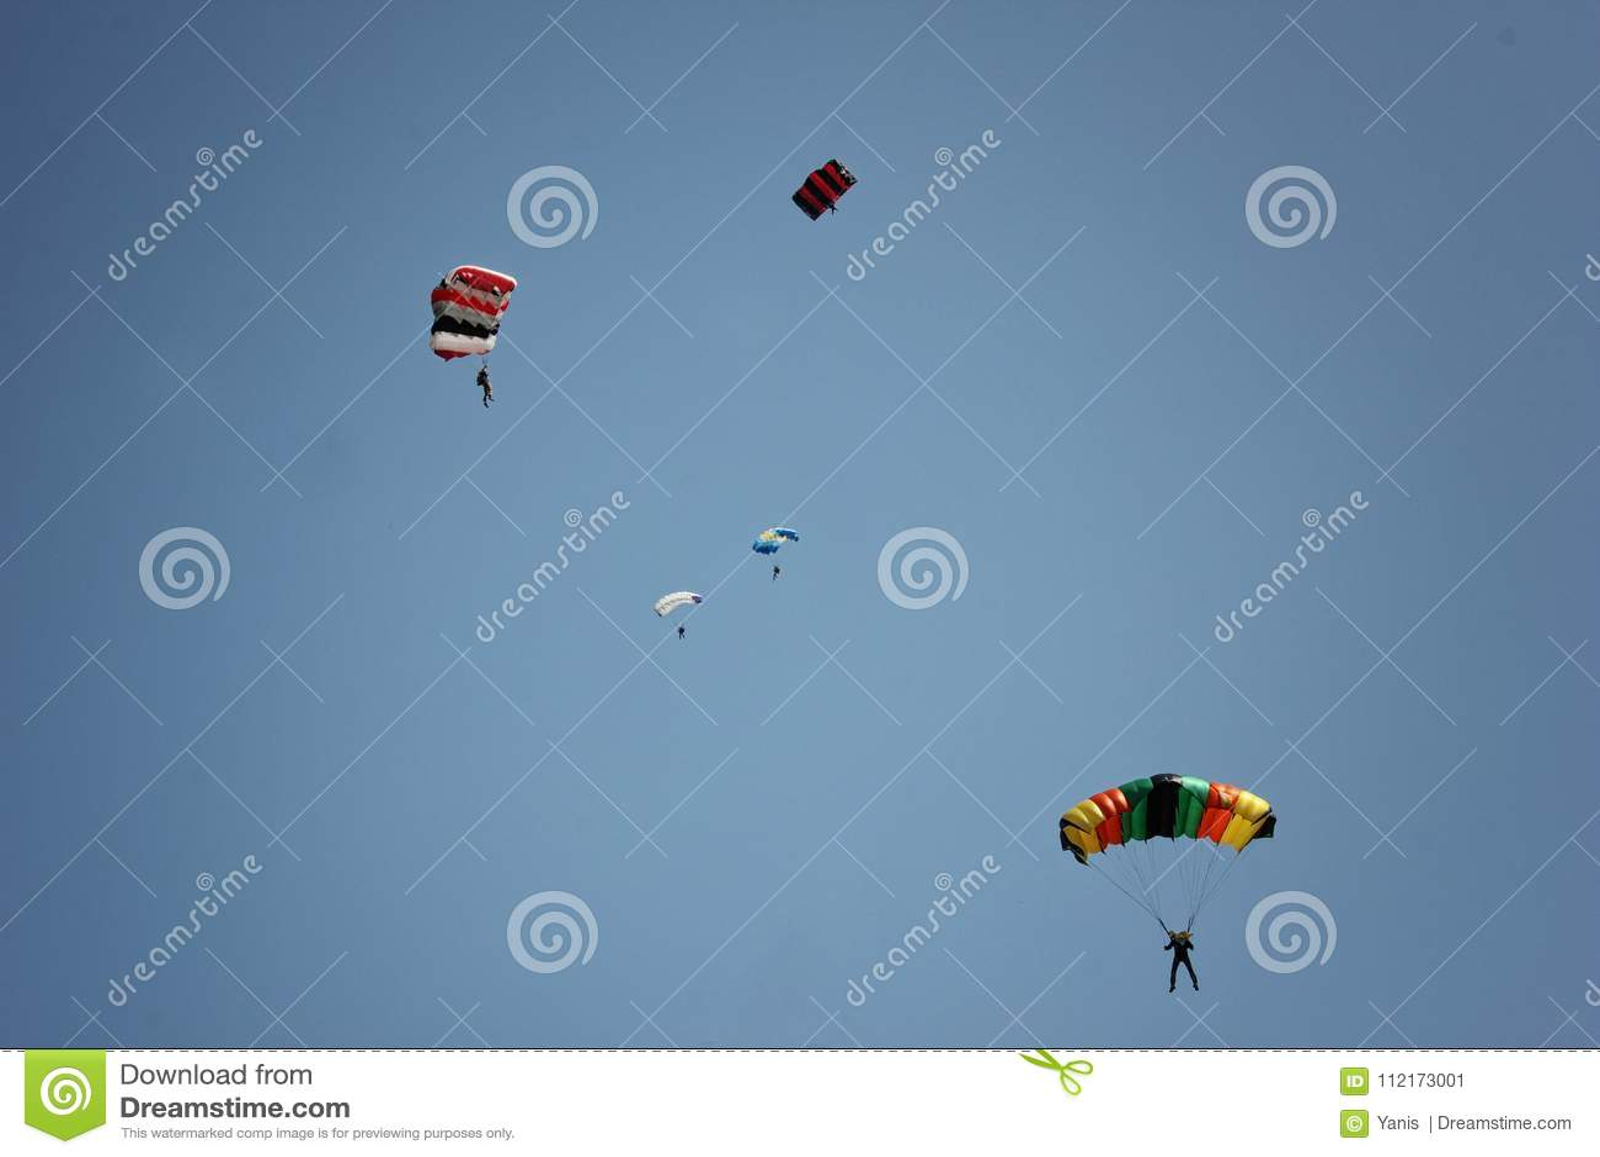 跳伞是一个好机会体验兴奋